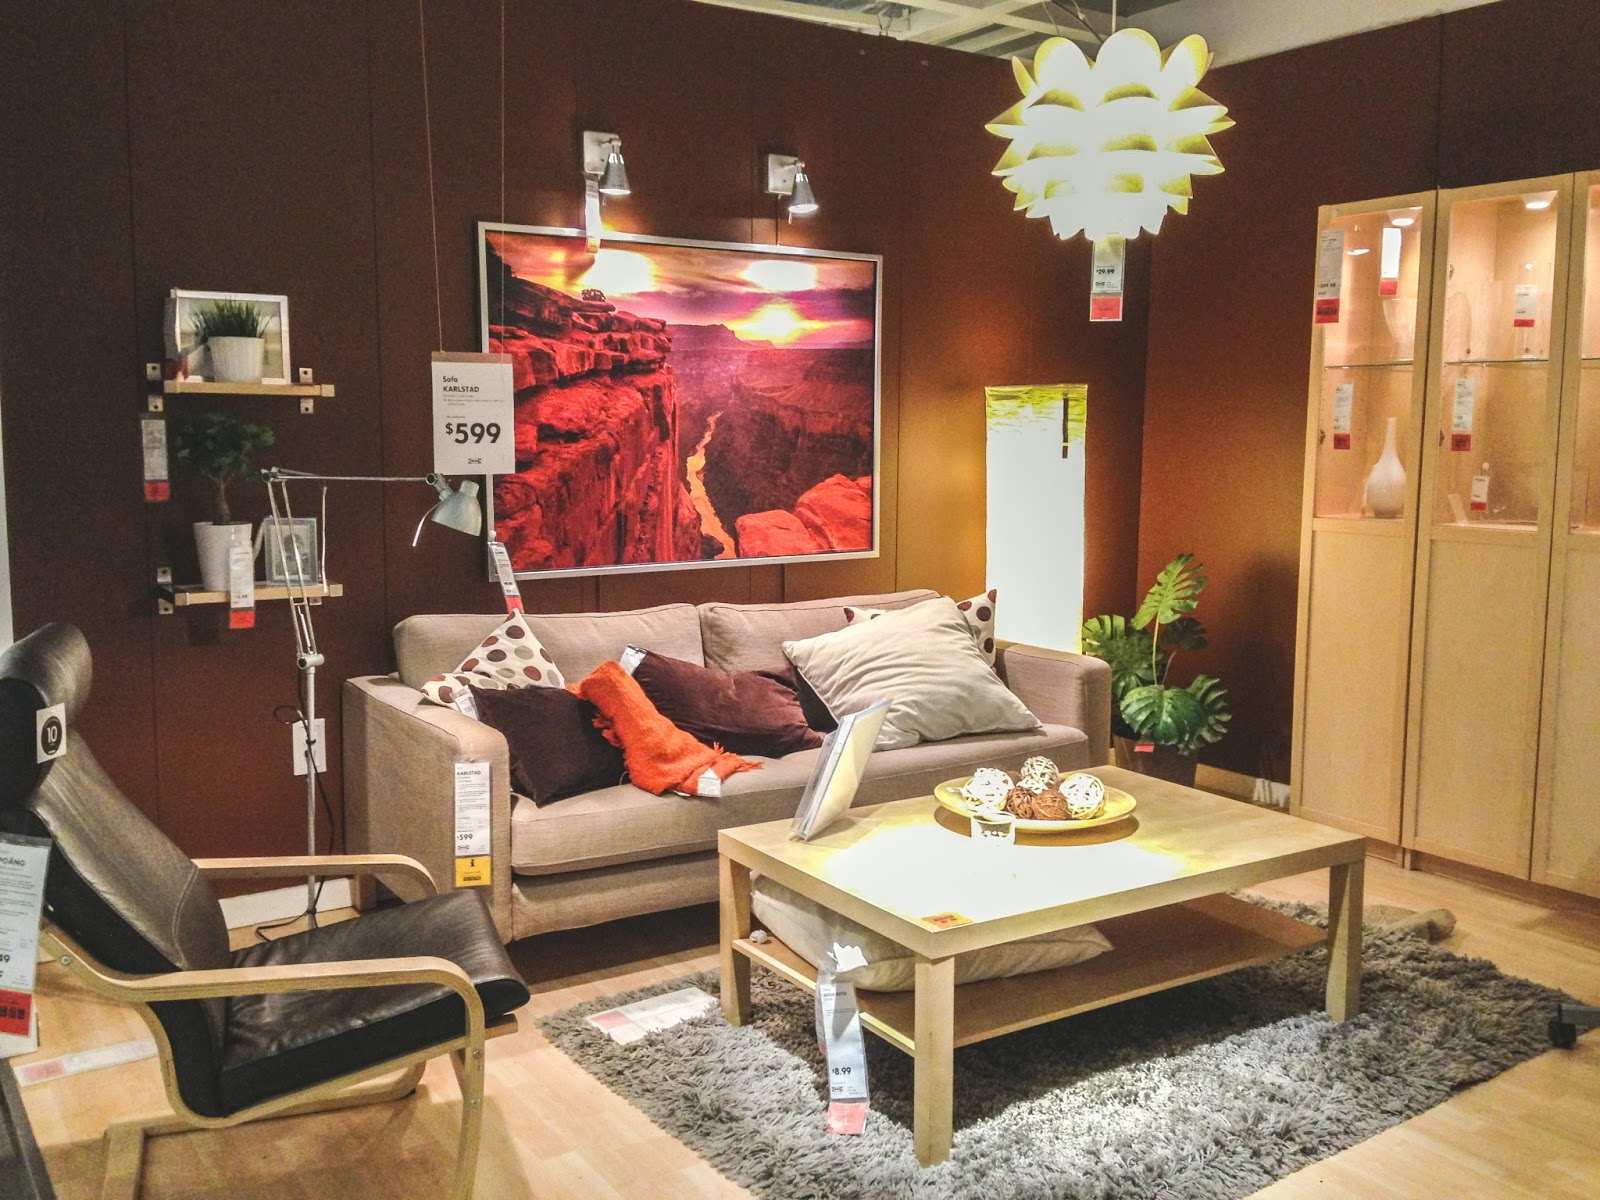 Brincando de casa: Ikea Os Lunas #A22F29 1600 1200